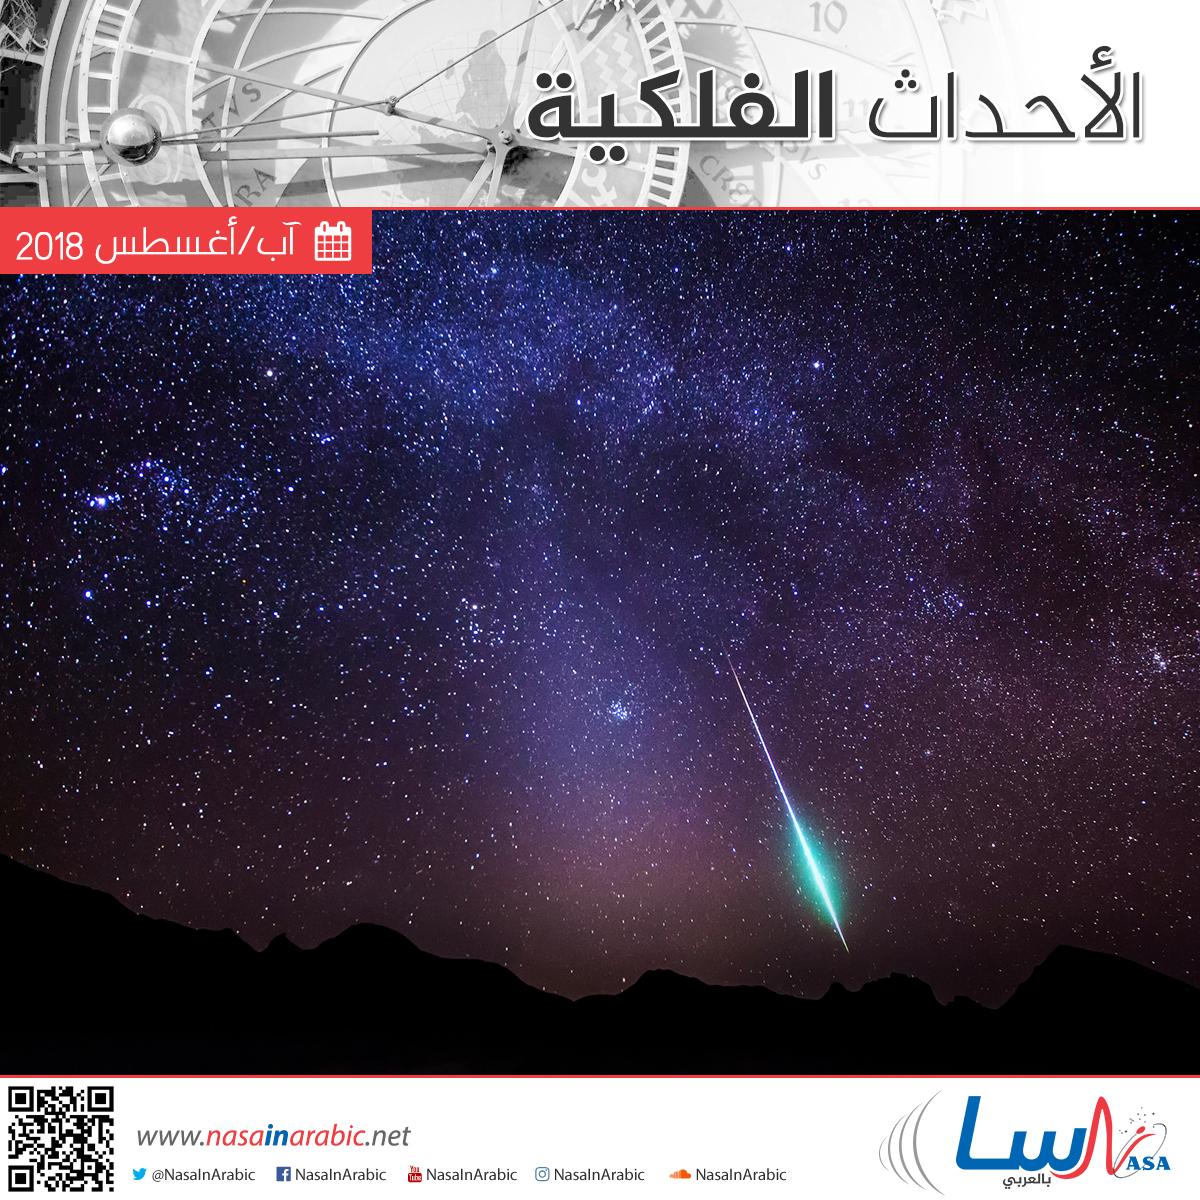 الأحداث الفلكية لشهر آب/أغسطس 2018